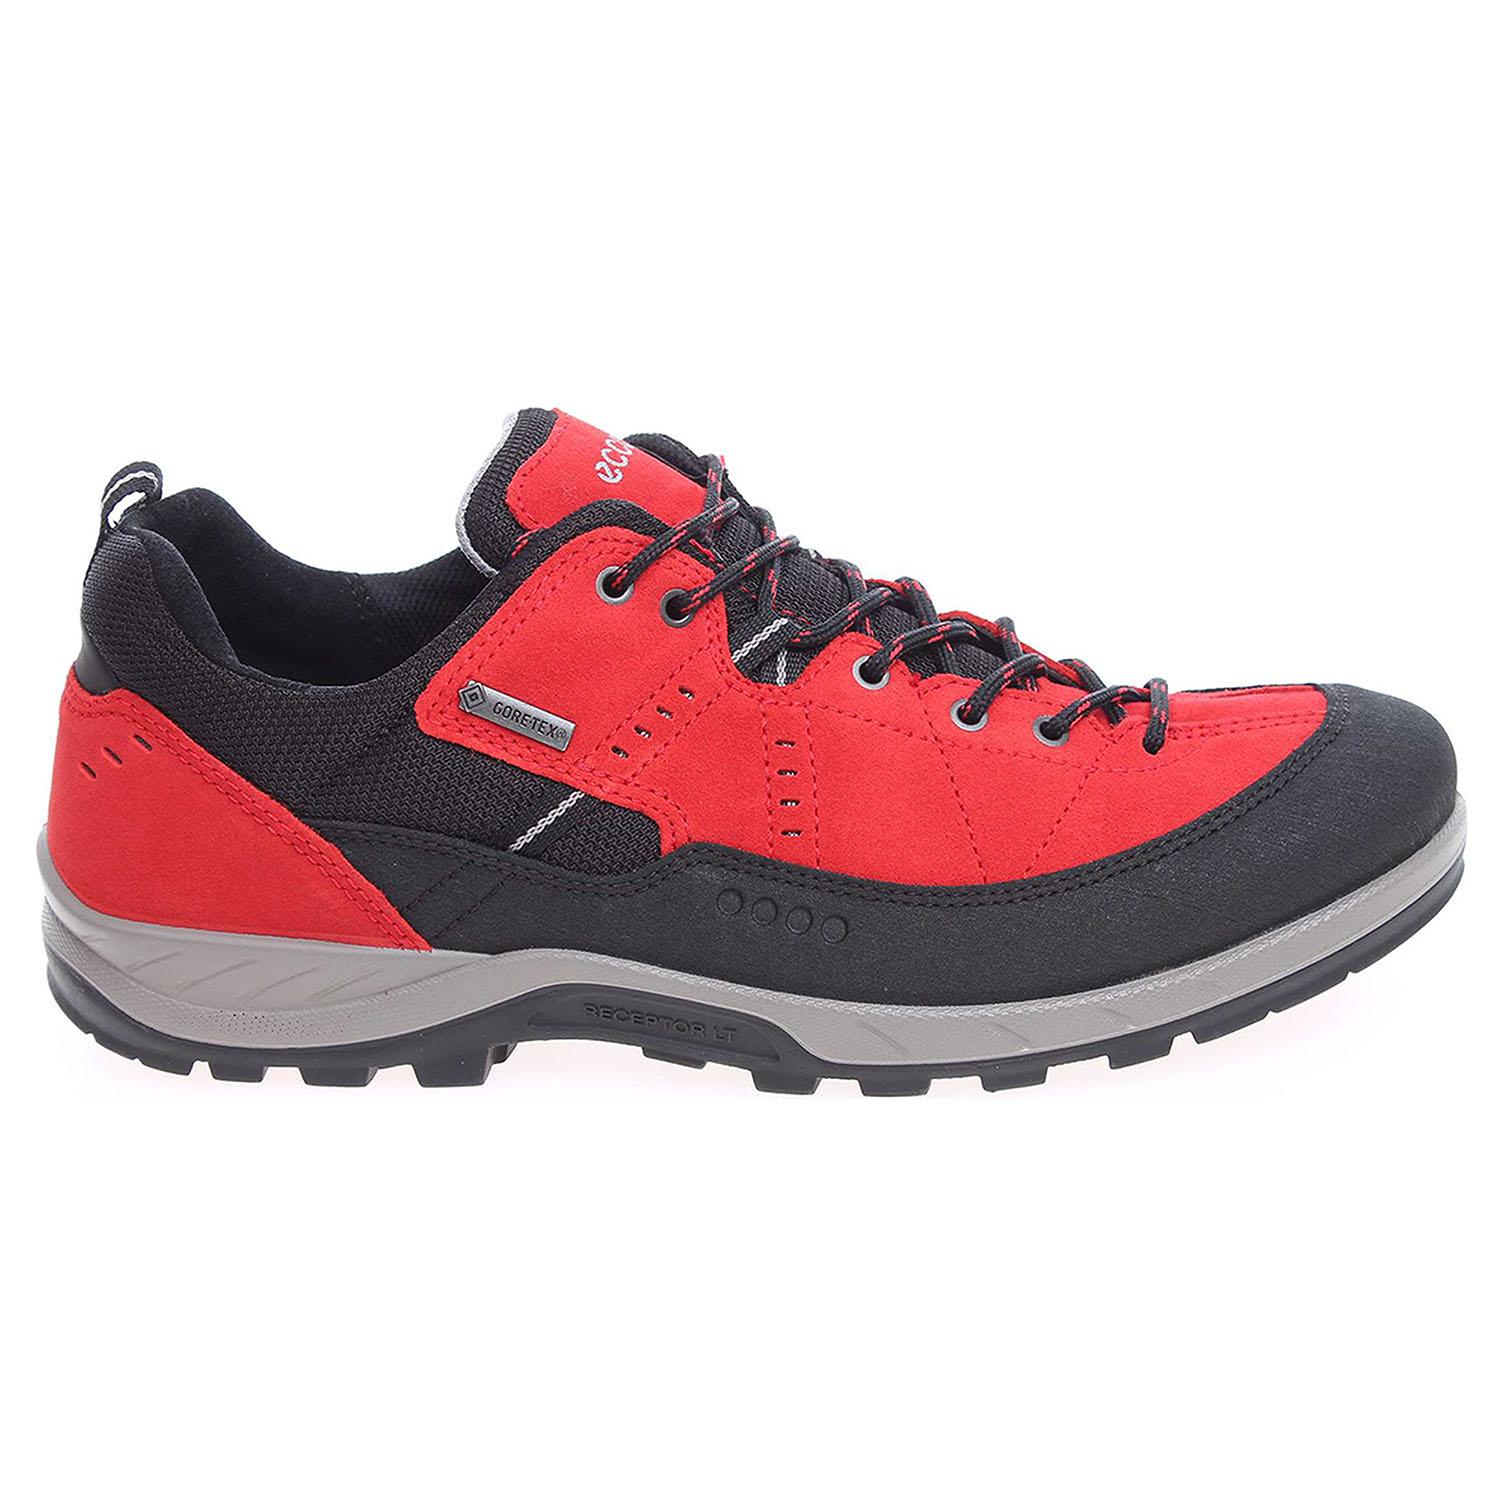 Ecco Ecco Yura pánská obuv 84060450857 červená 24200186